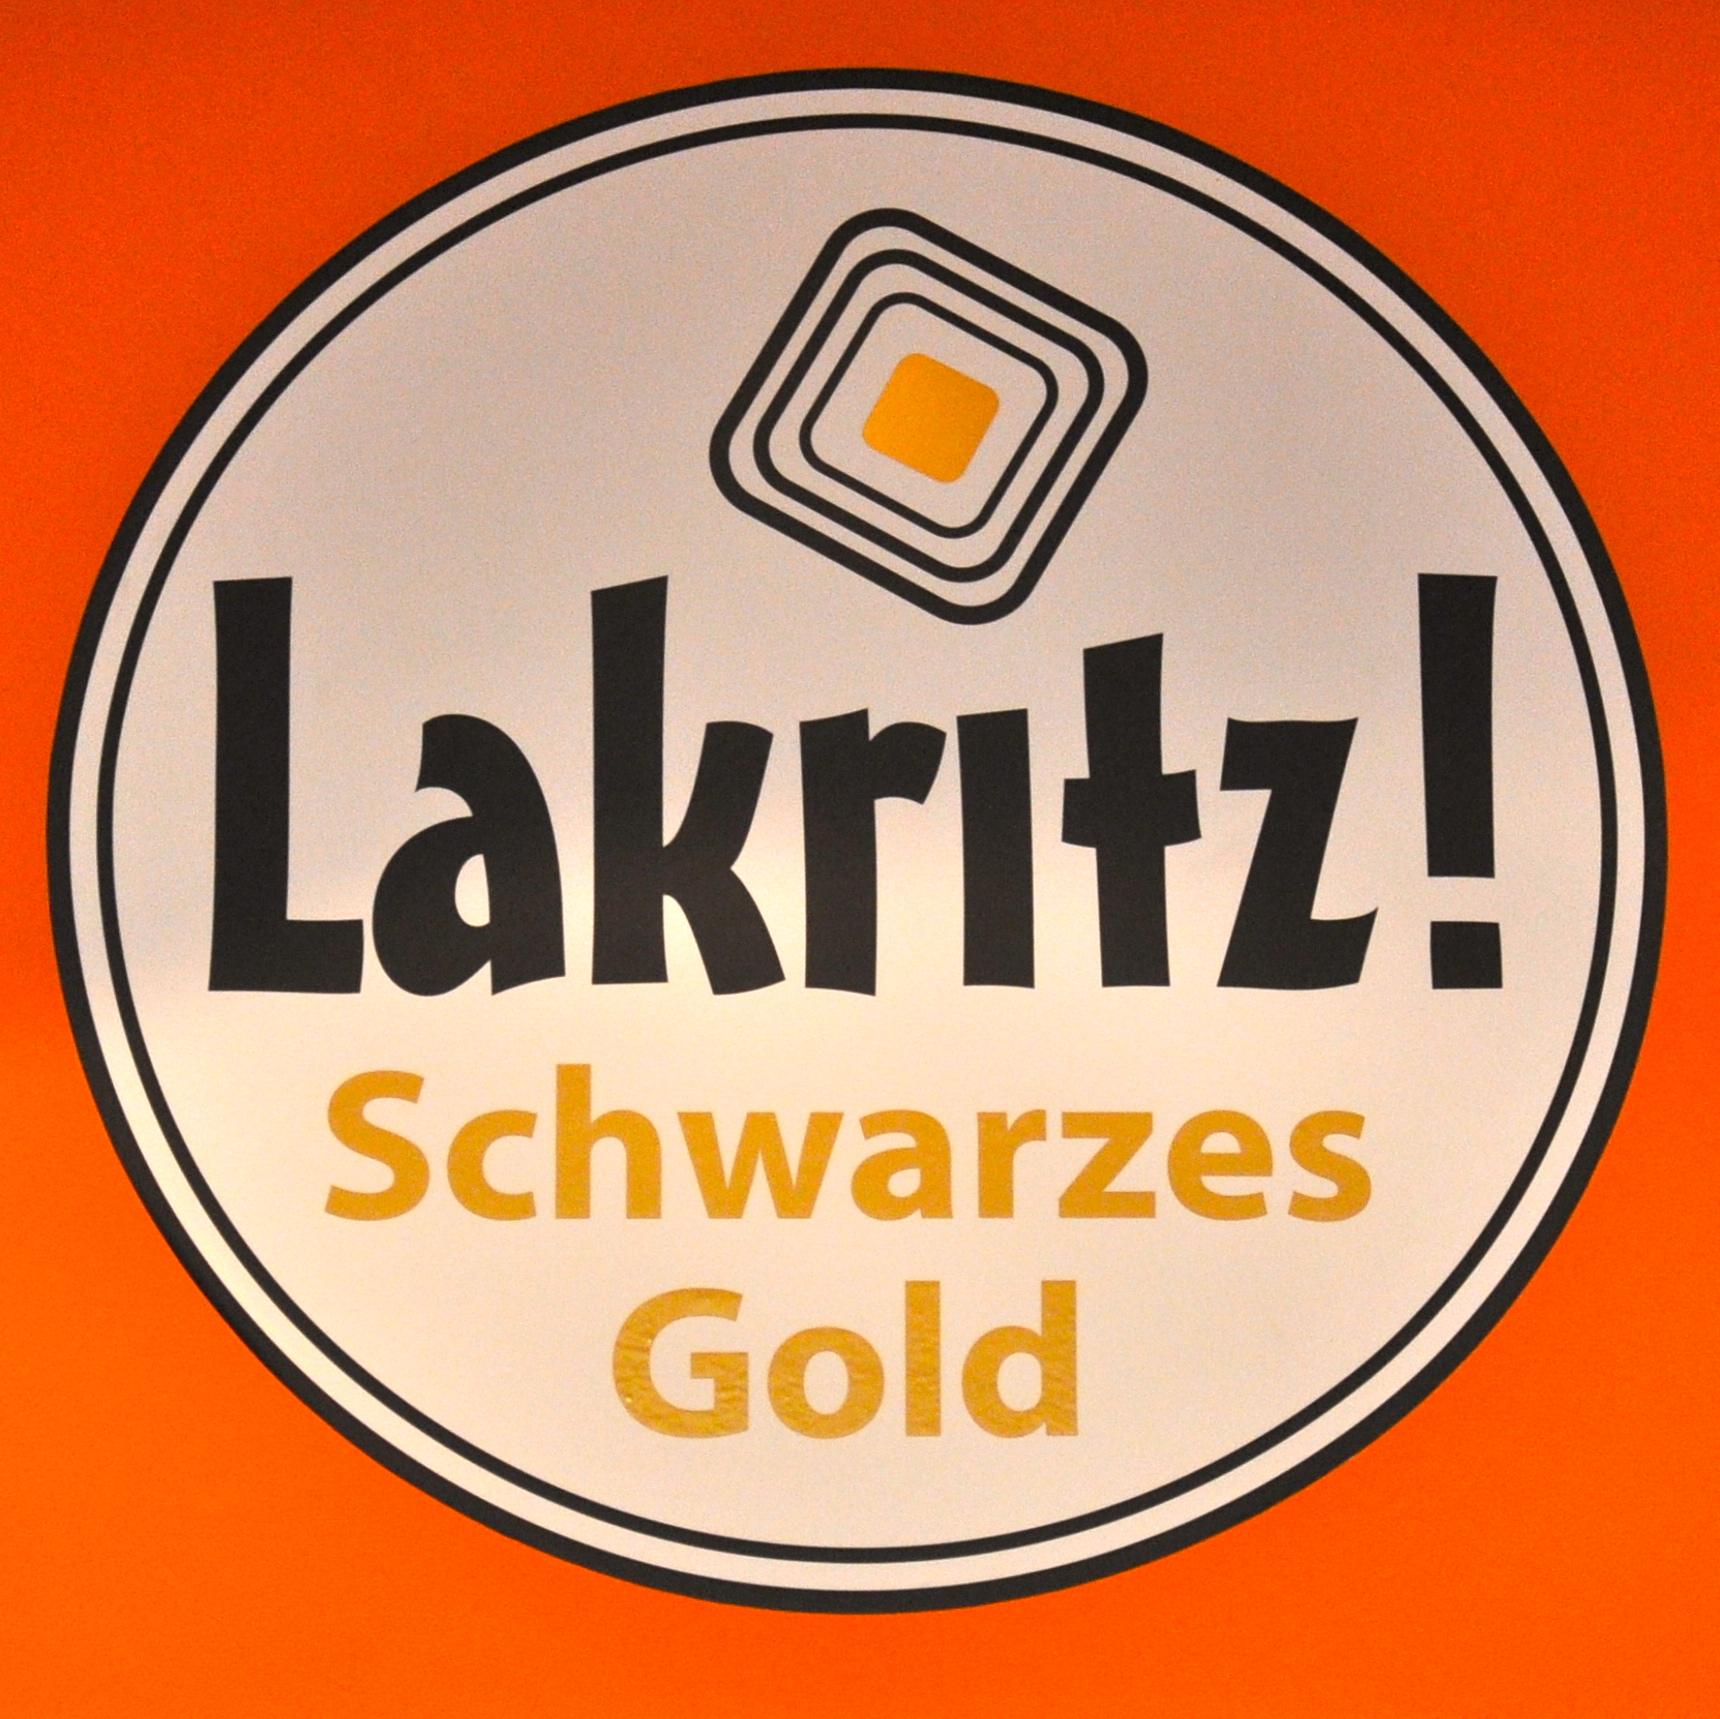 Schwarzes-Gold-Lakritz-Berlin-Wilmersdorf-1